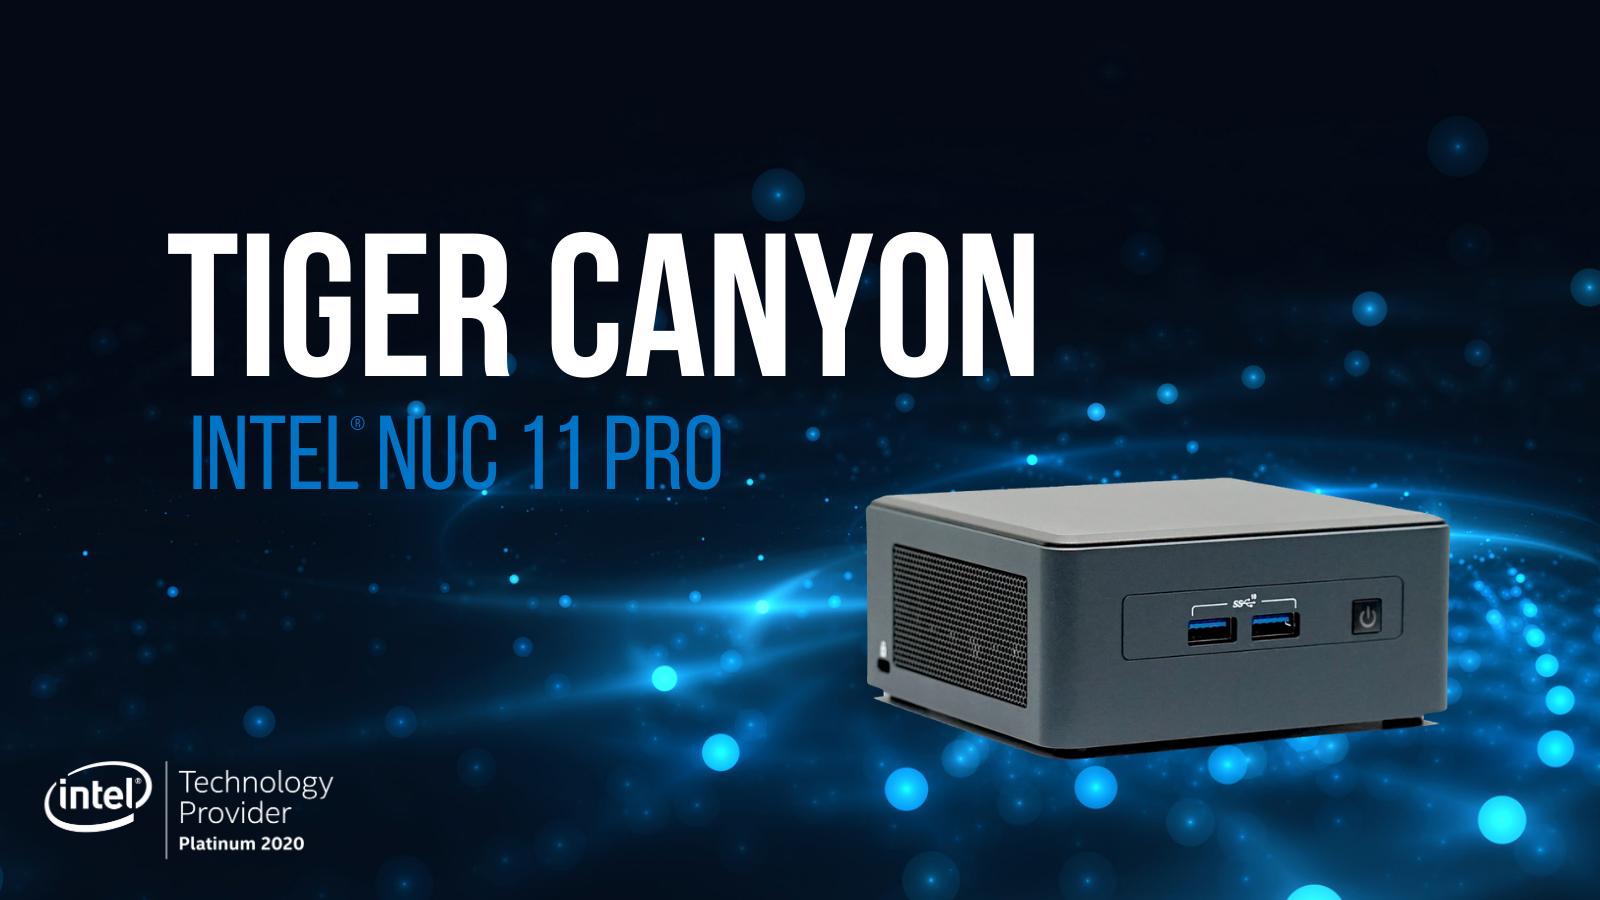 کامپیوترهای کوچک اینتل سری tiger canyon